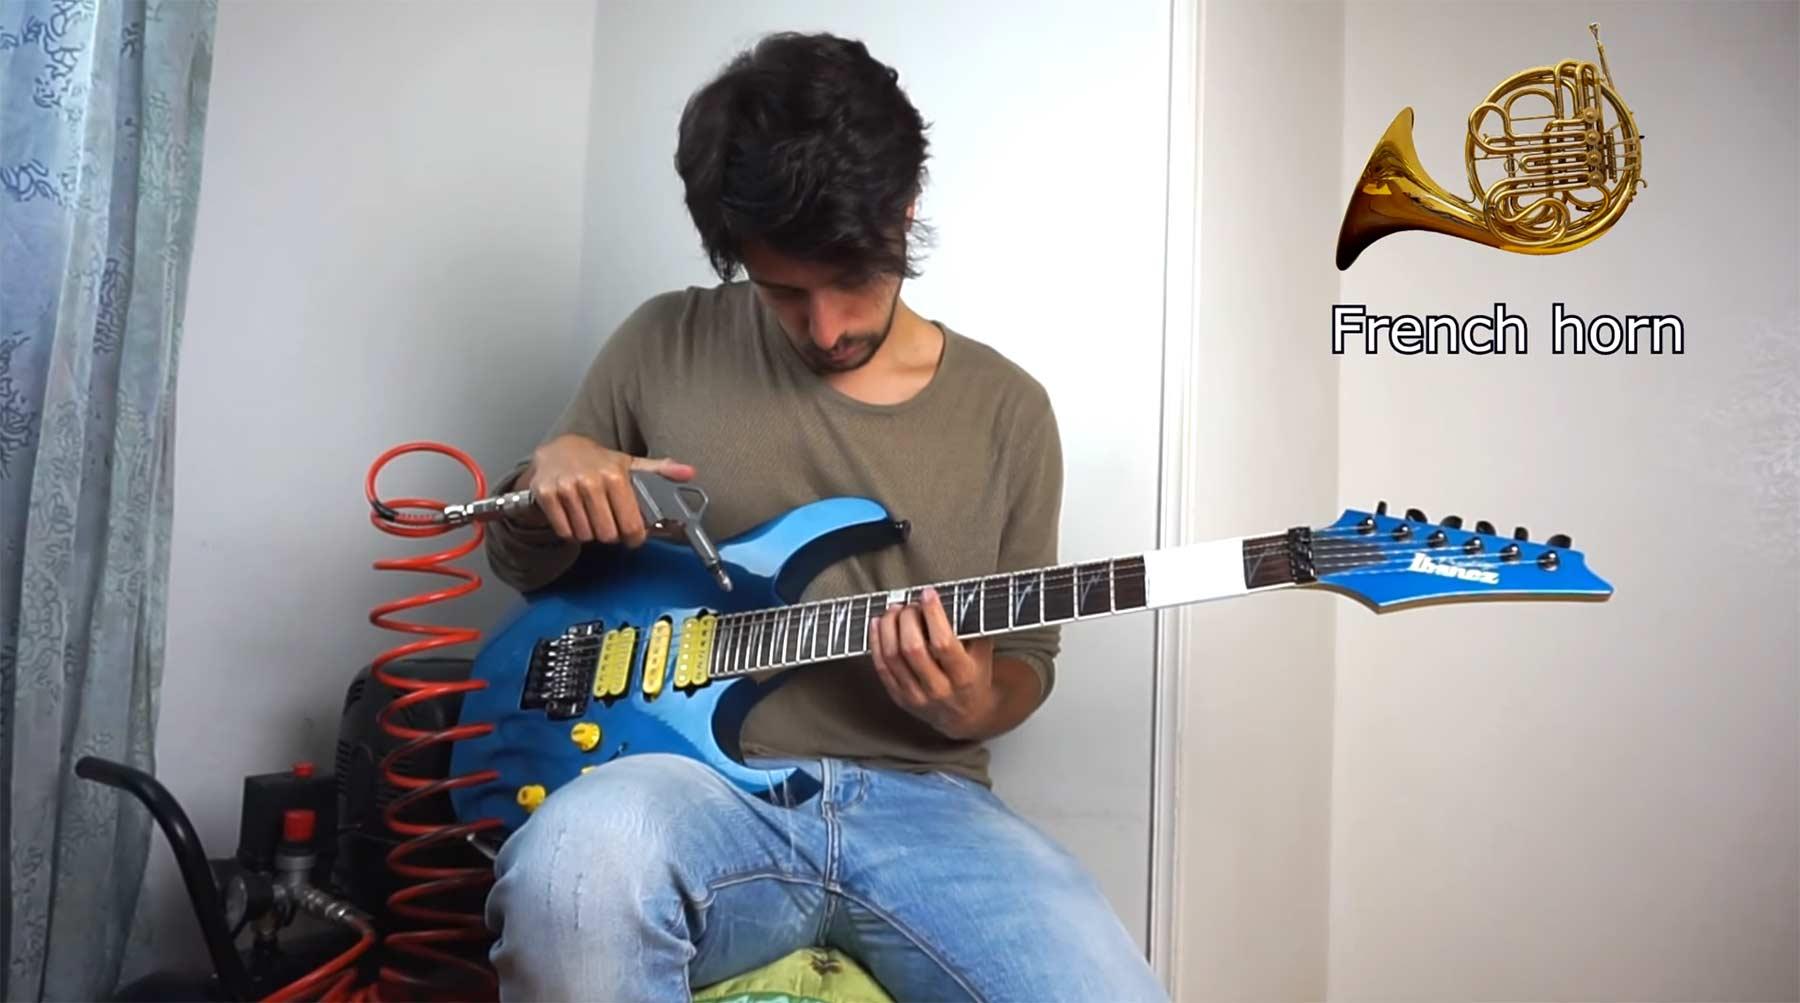 Luft + Gitarre = Trompete, Klarinette und andere Instrumente luft-gitarre-andere-instrumente-spielen